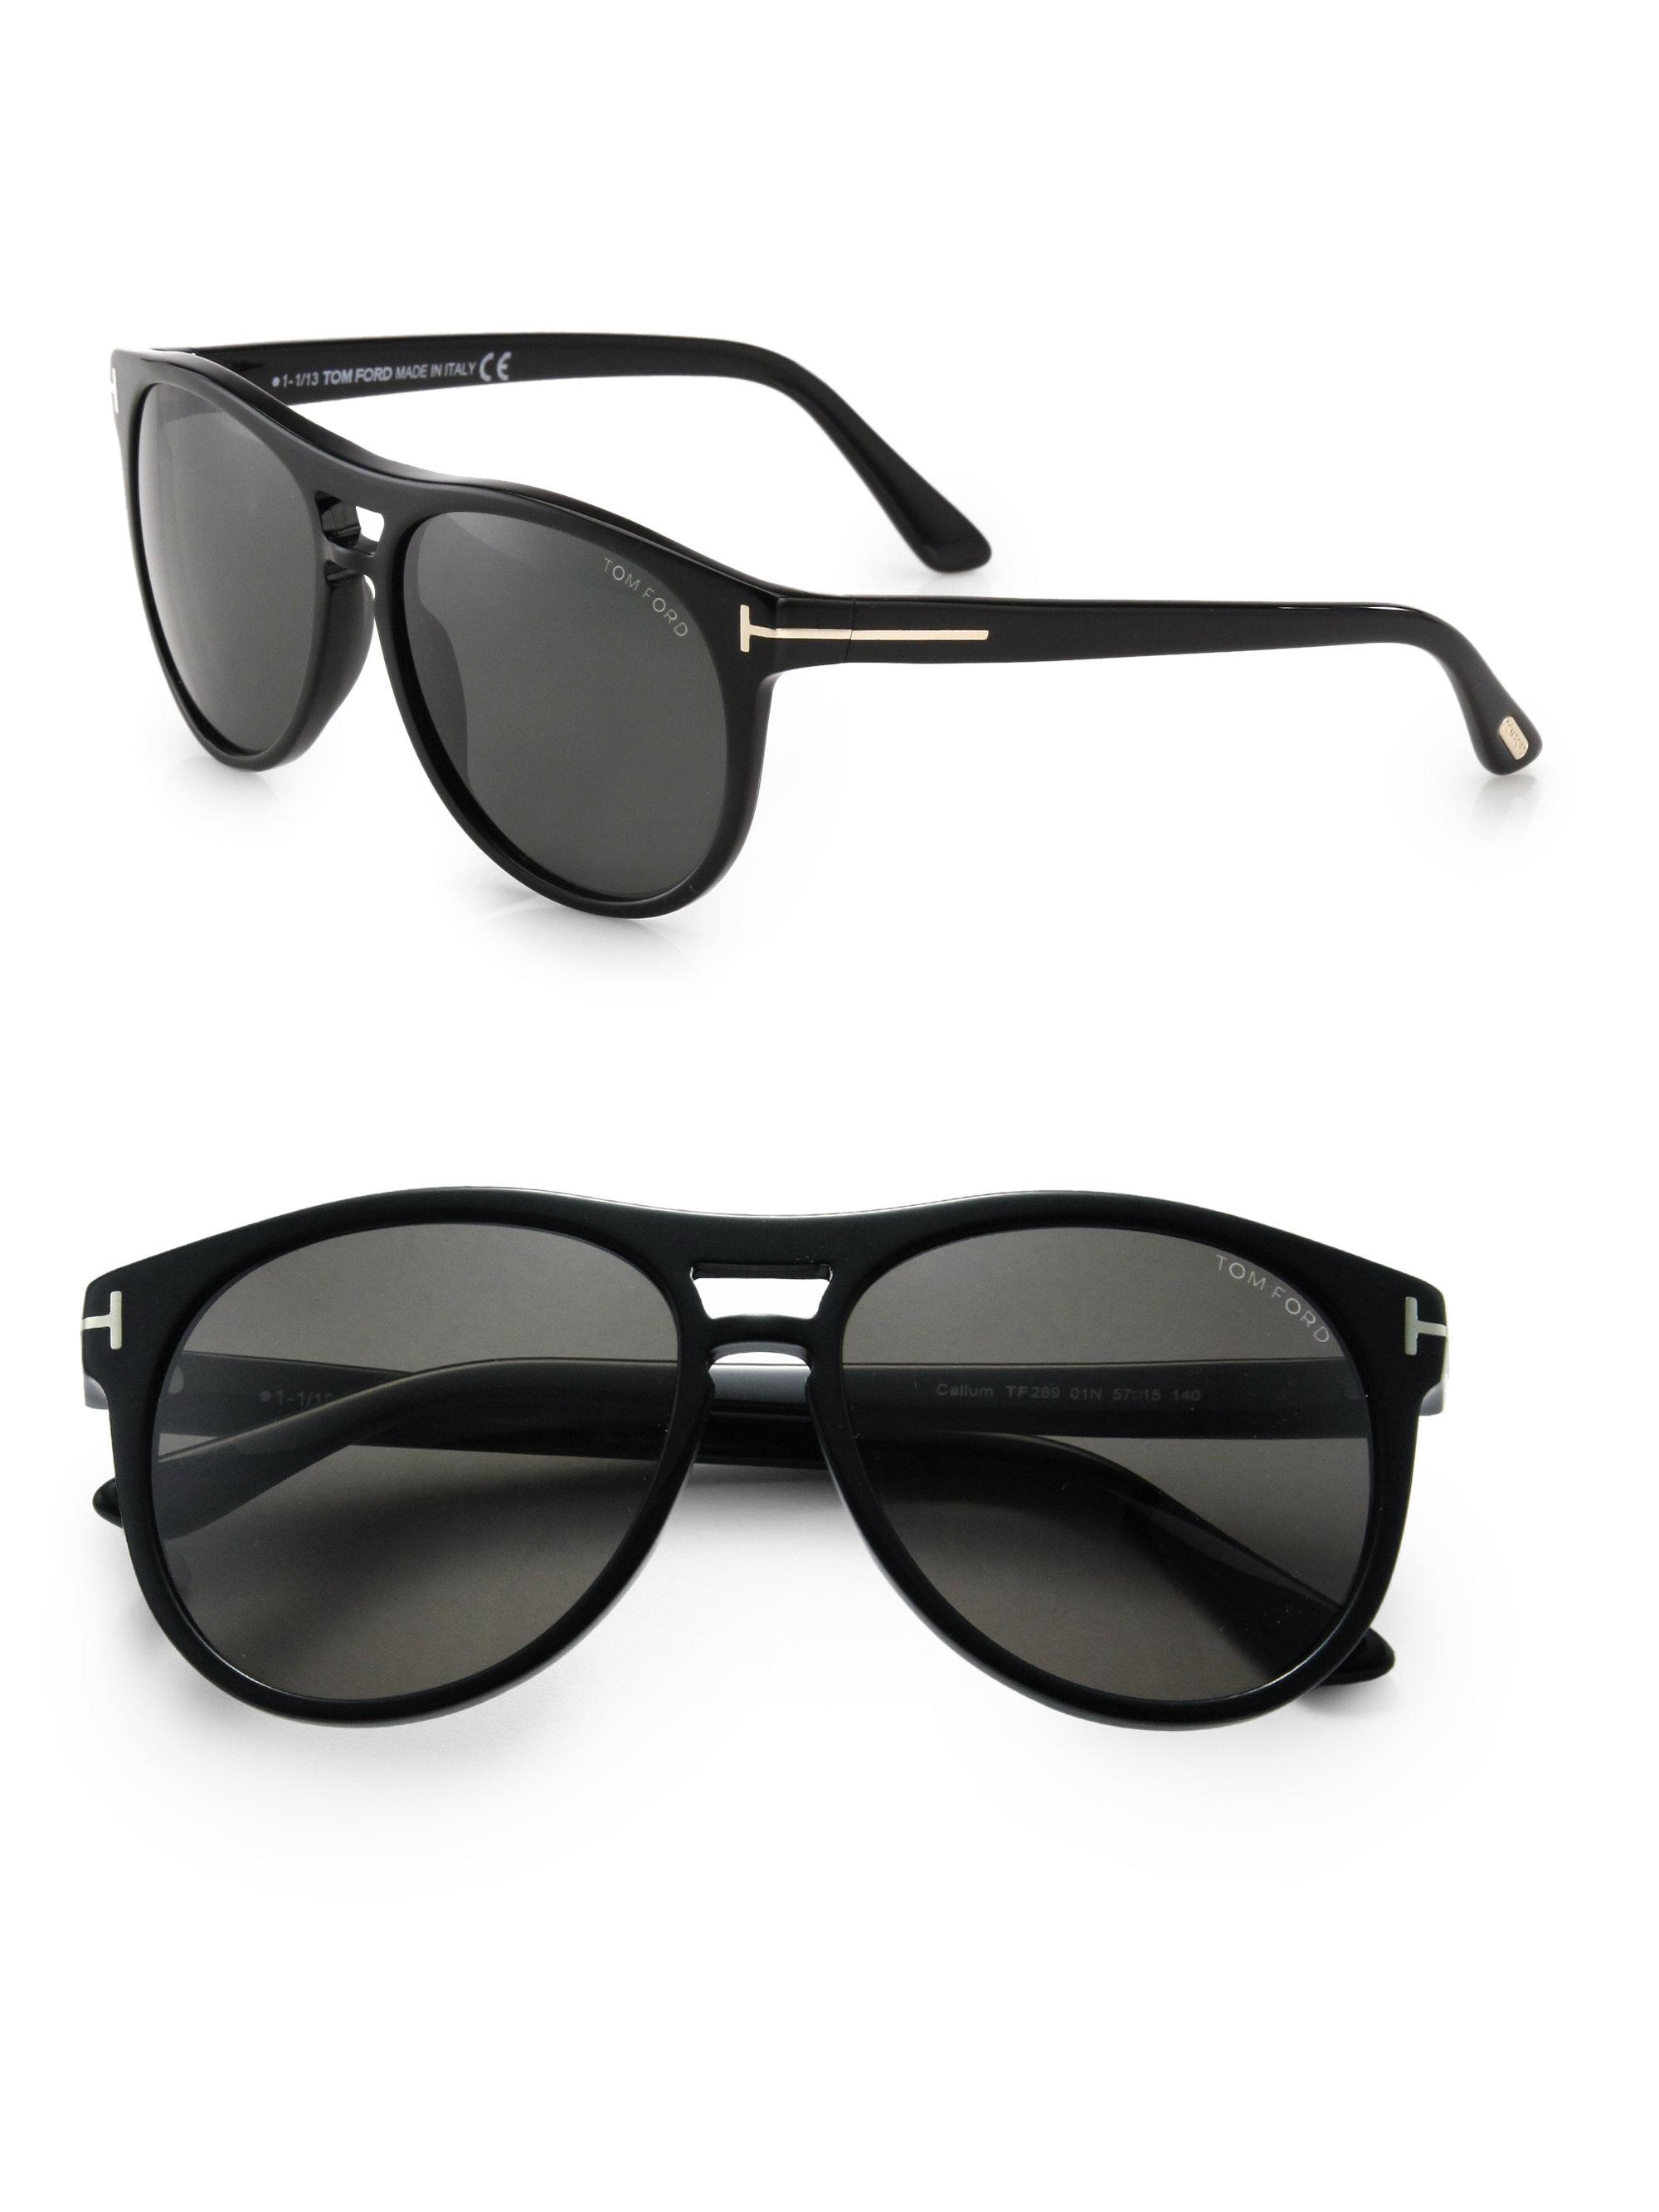 b177dab19ef9 Lyst - Tom Ford Callum Sunglasses in Black